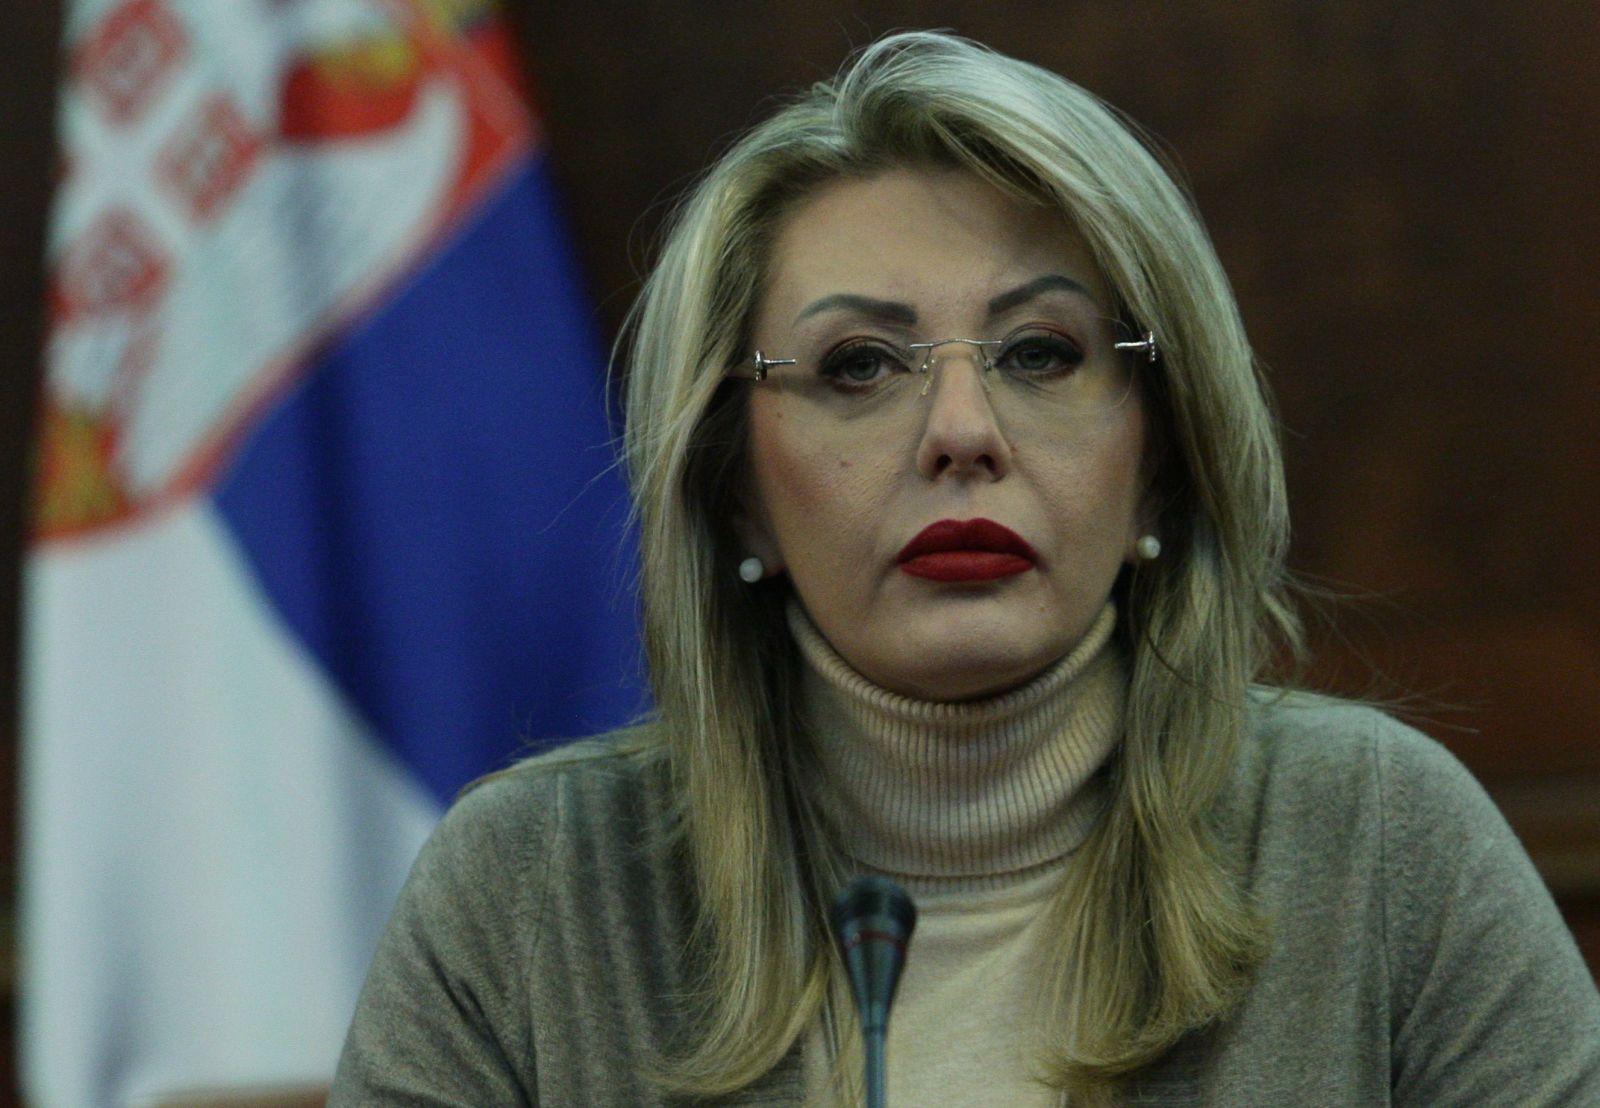 Ј. Јоксимовић: Подршка реформи образовања остаје међу приоритетима развојне помоћи ЕУ